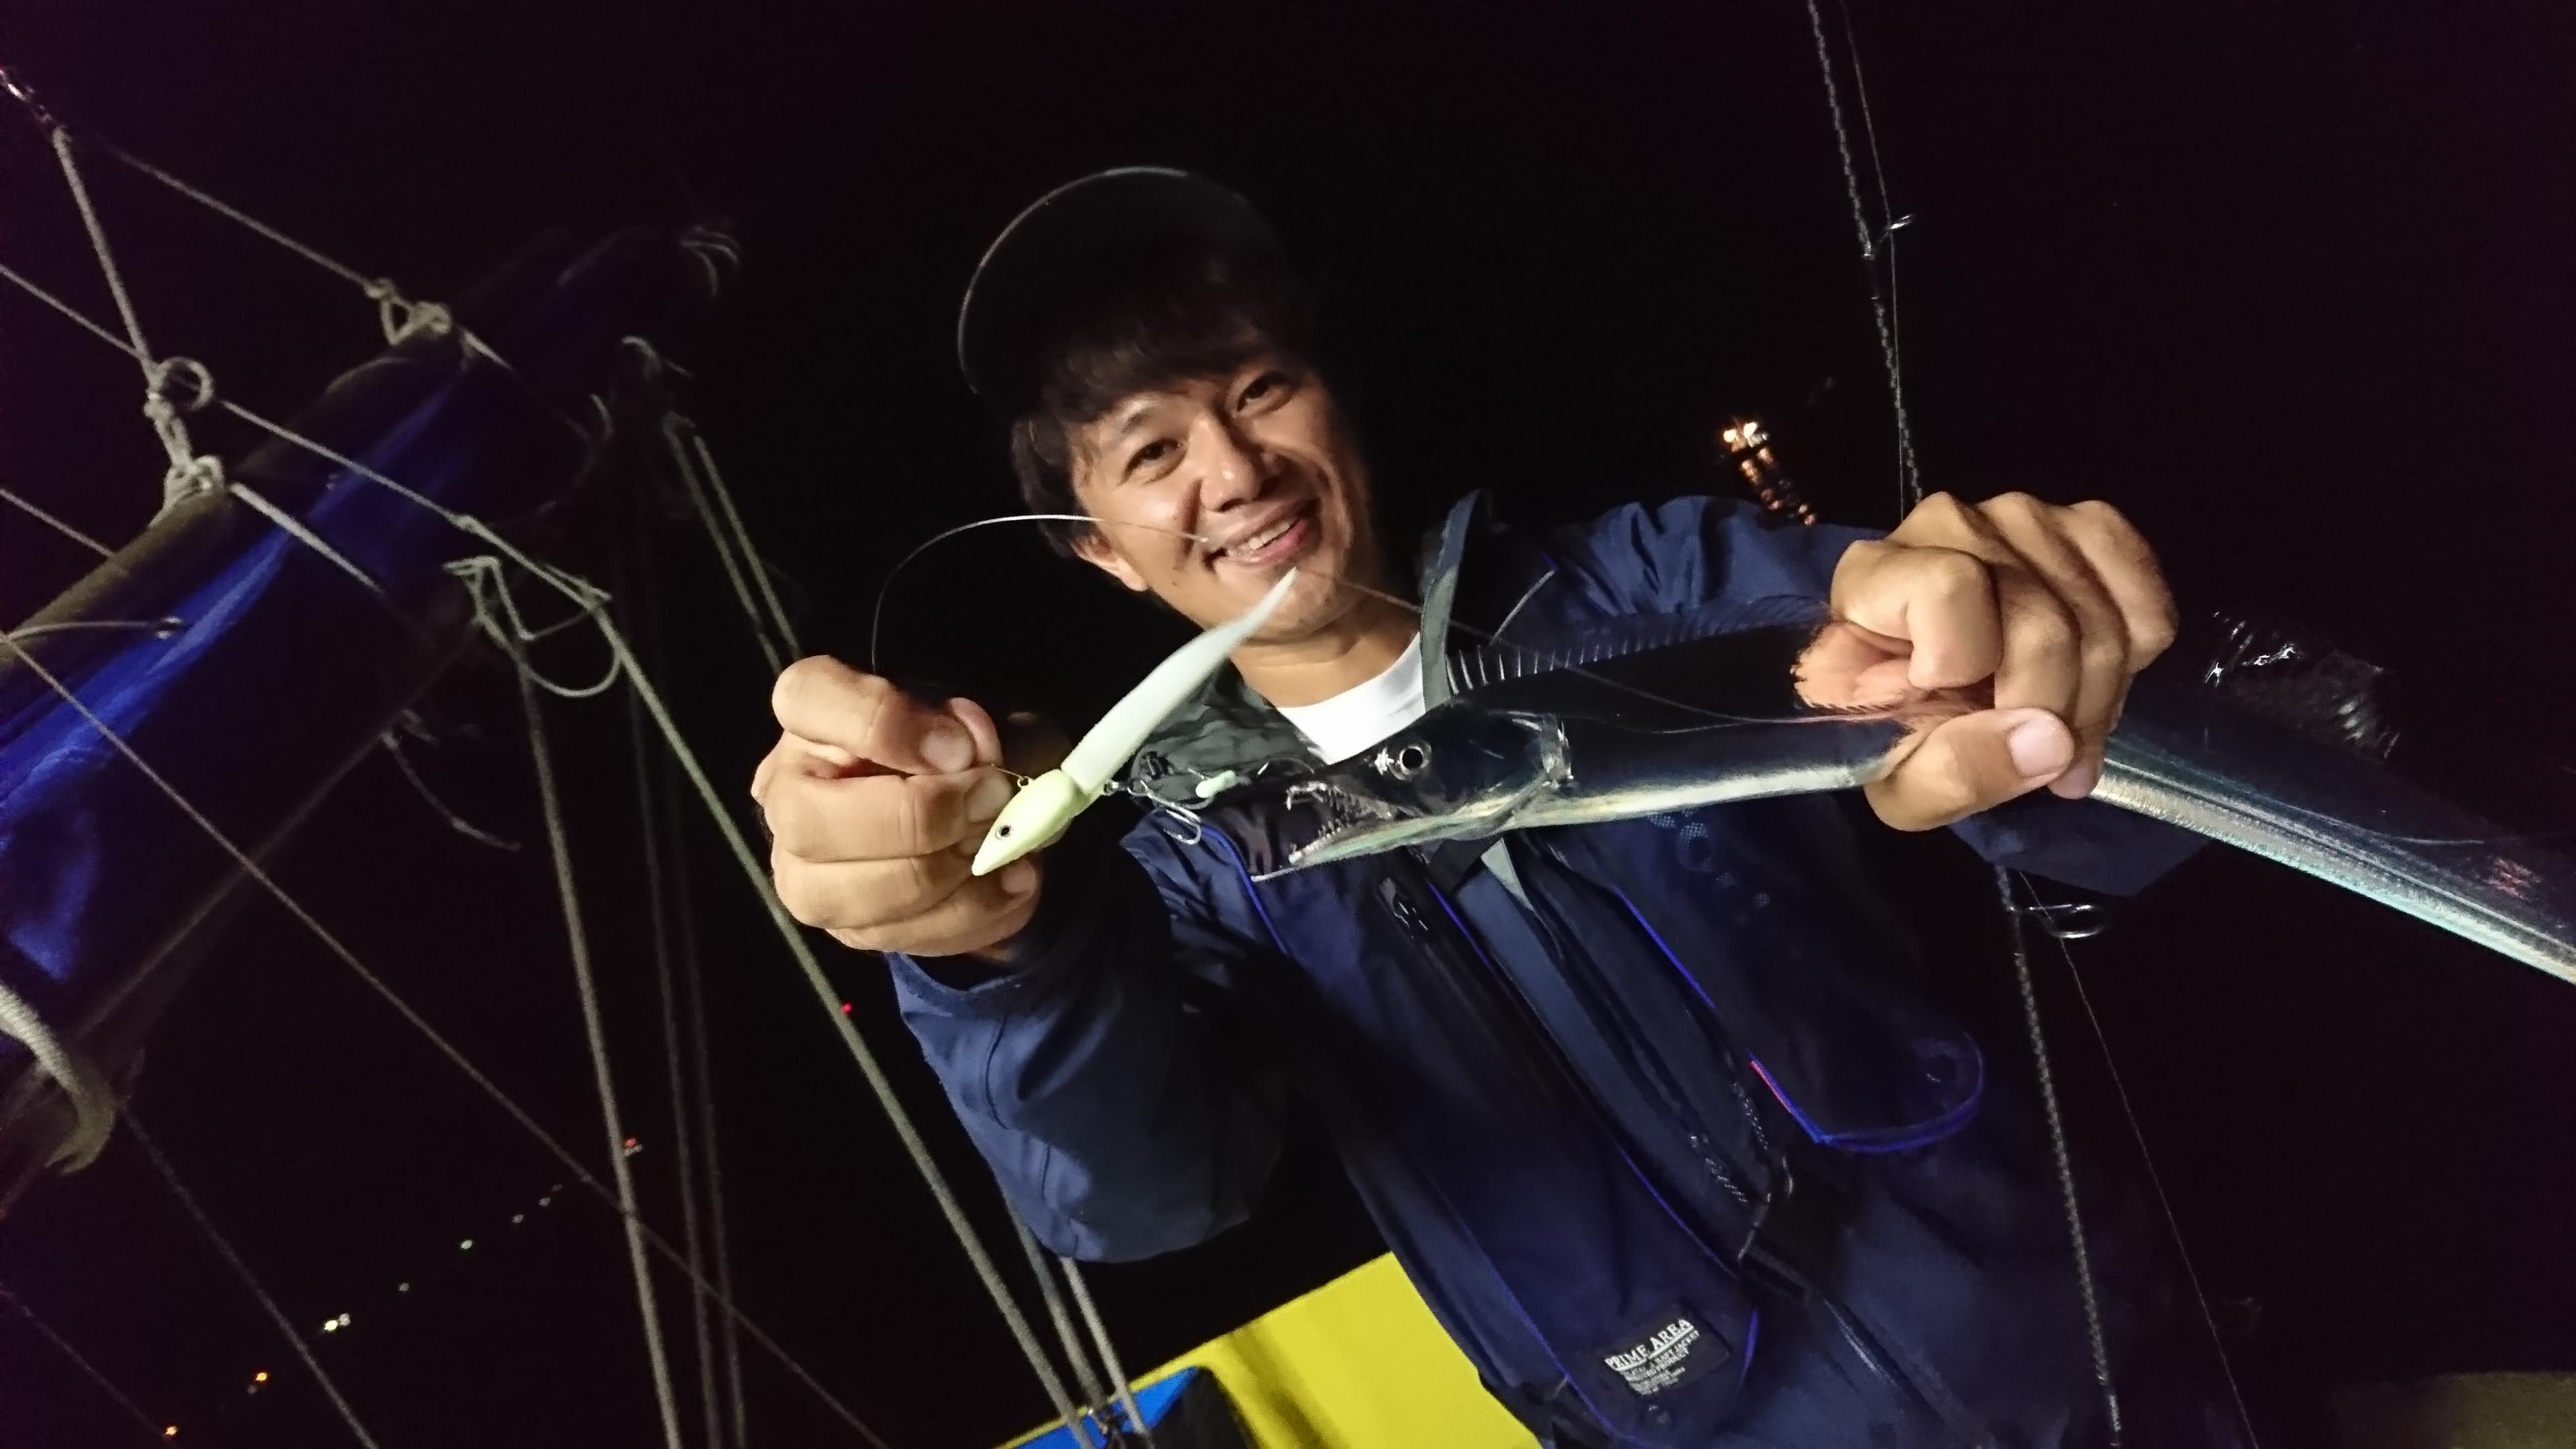 タチウオが水深10mより上で釣れていたので、ワインドに高反応!